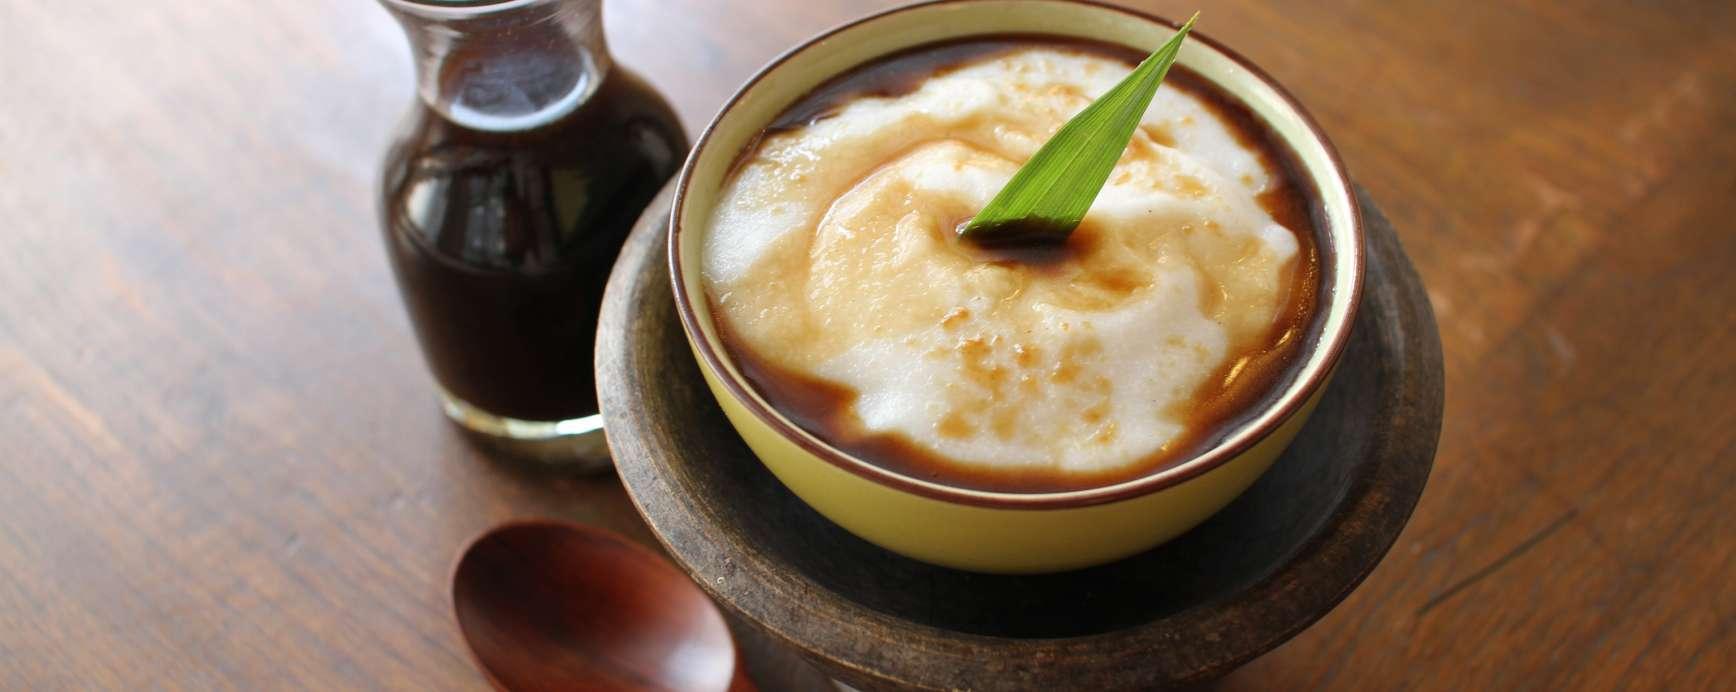 Bubur Sumsum (kokos pudding)